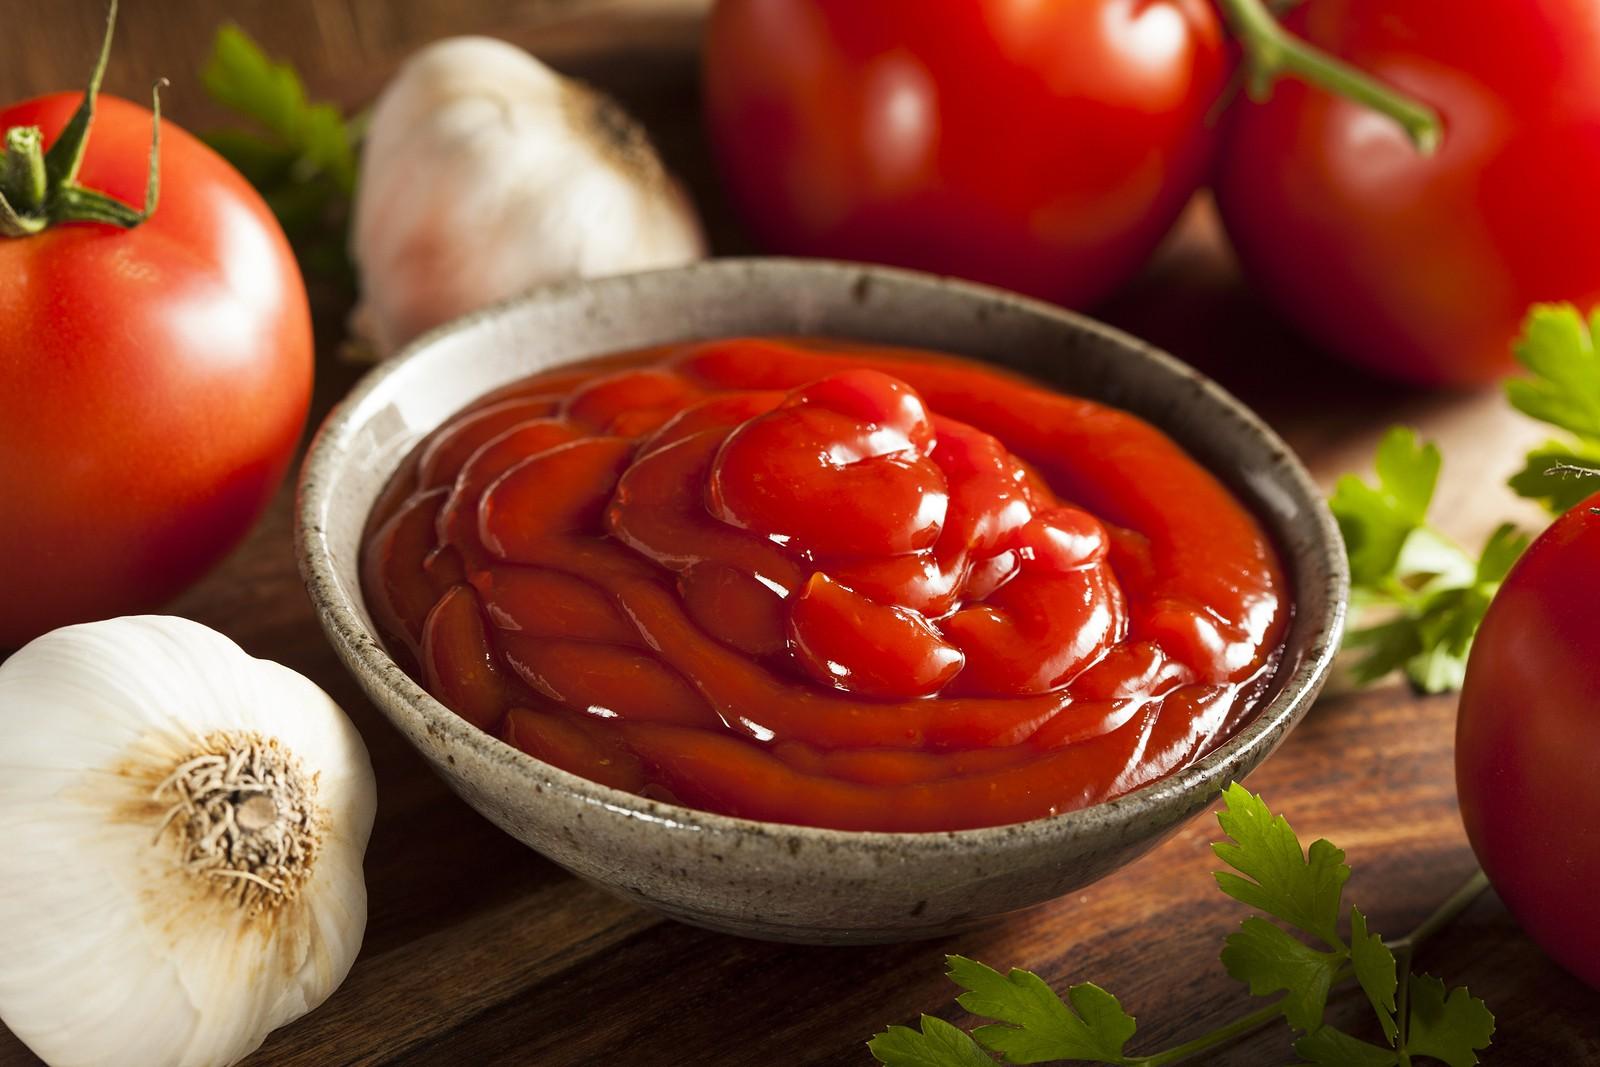 Sự thật về quá trình ra đời của Ketchup: Không phải lúc nào cũng là tương cà chua - Ảnh 1.